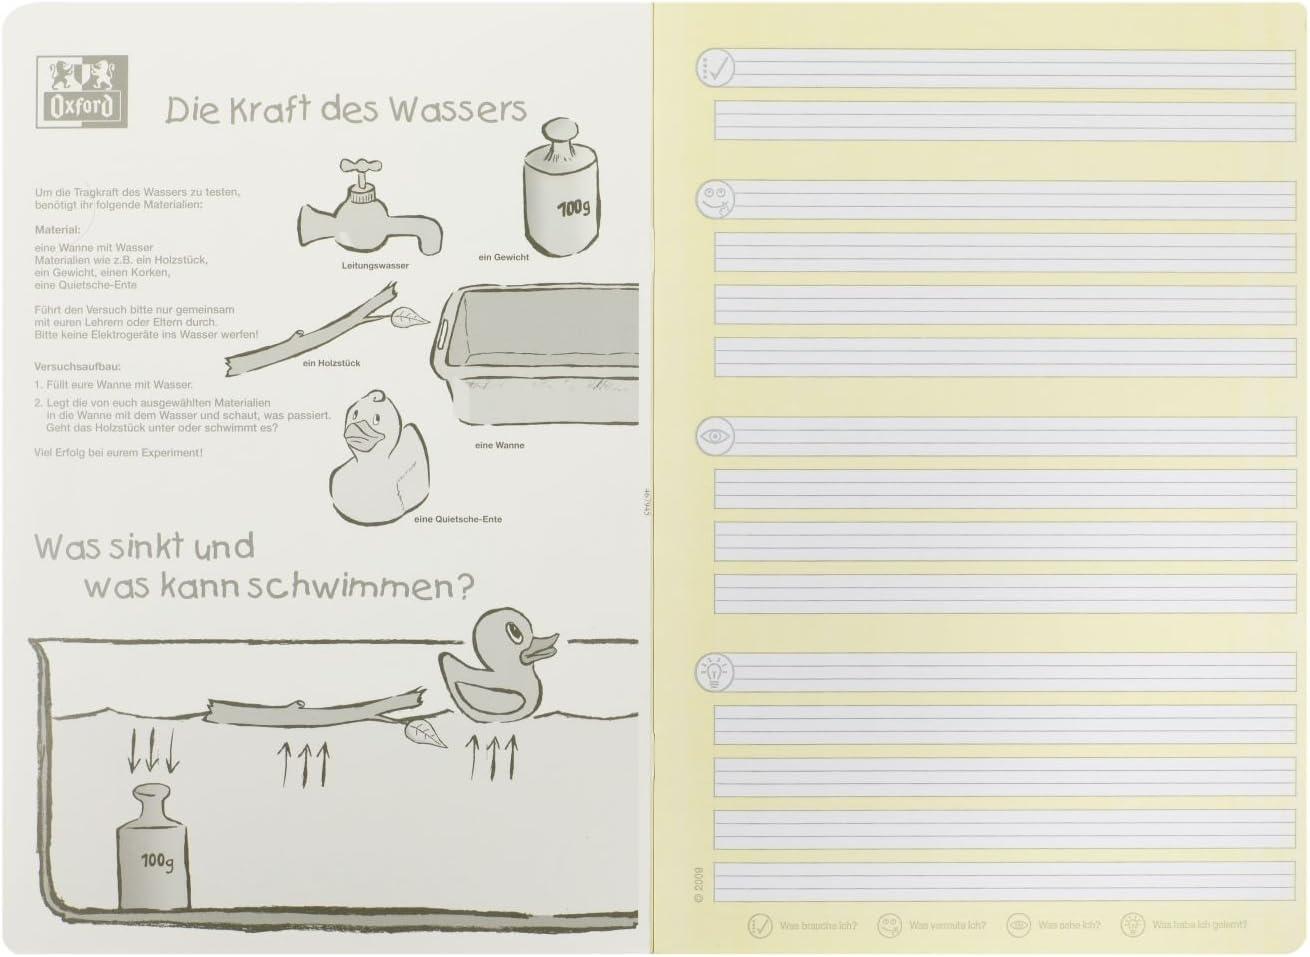 paquete de 10 90 g//m2 A4 sistema de aprendizaje l/íneas 1F Cuaderno clase 1 color amarillo 16 hojas Oxford 100050094